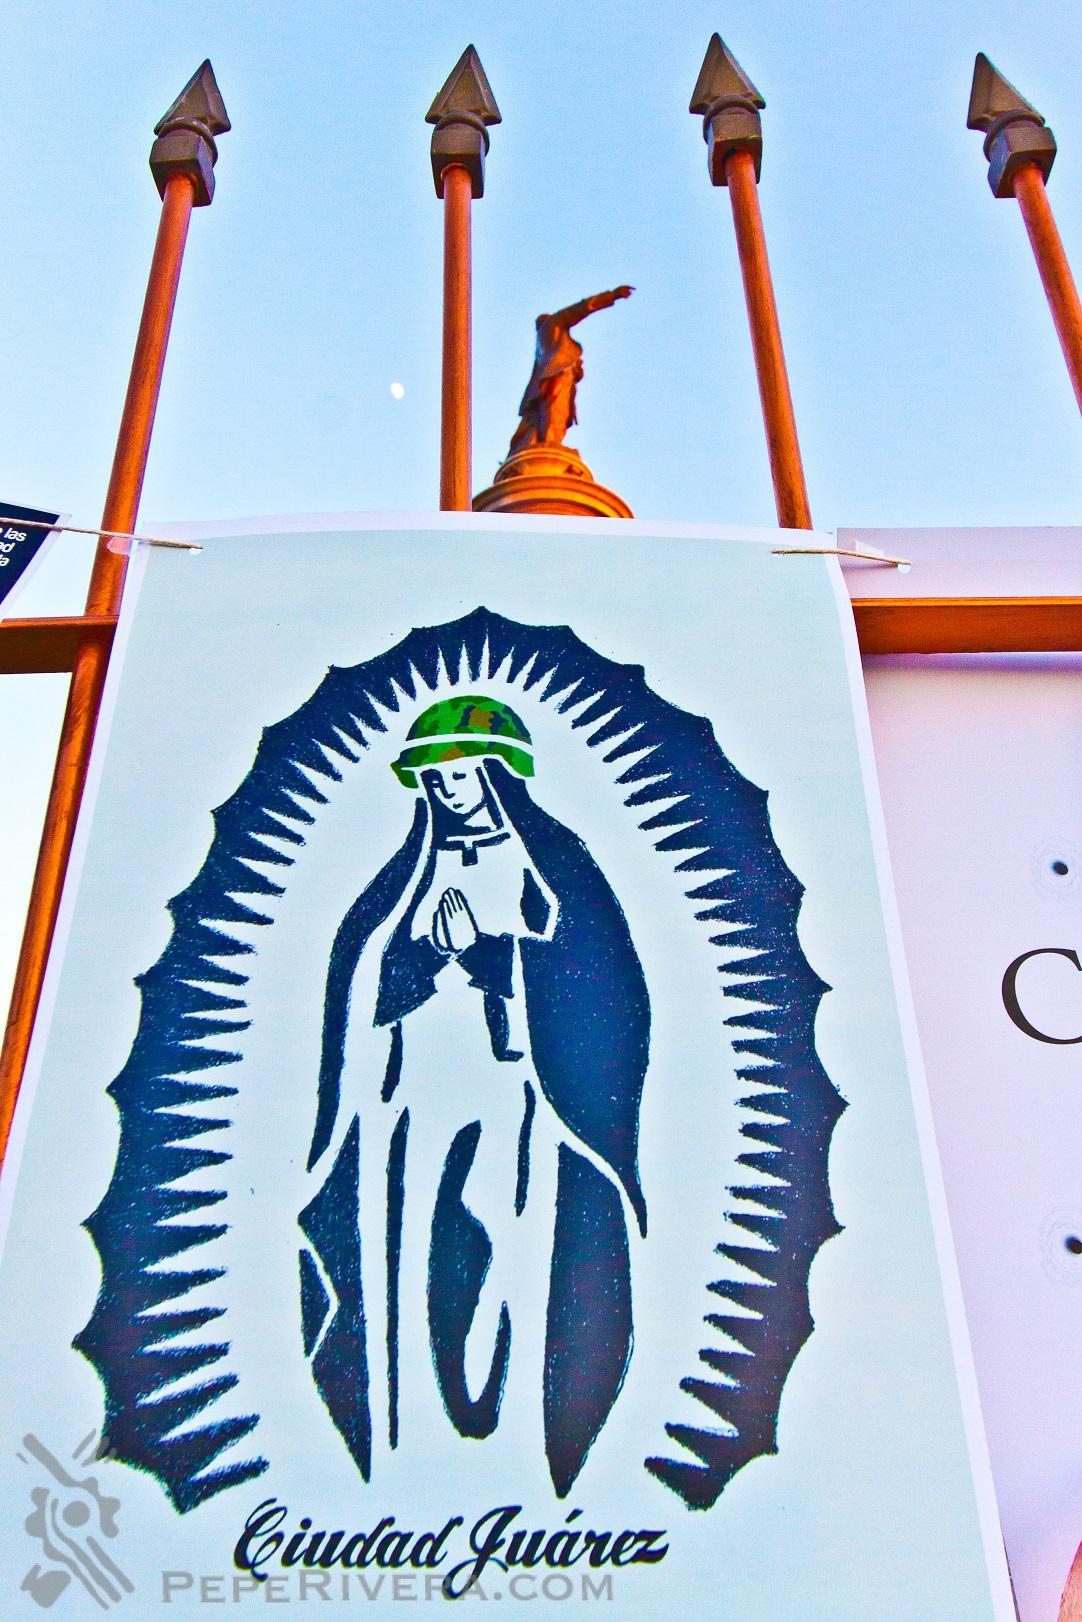 123 Virgen monu